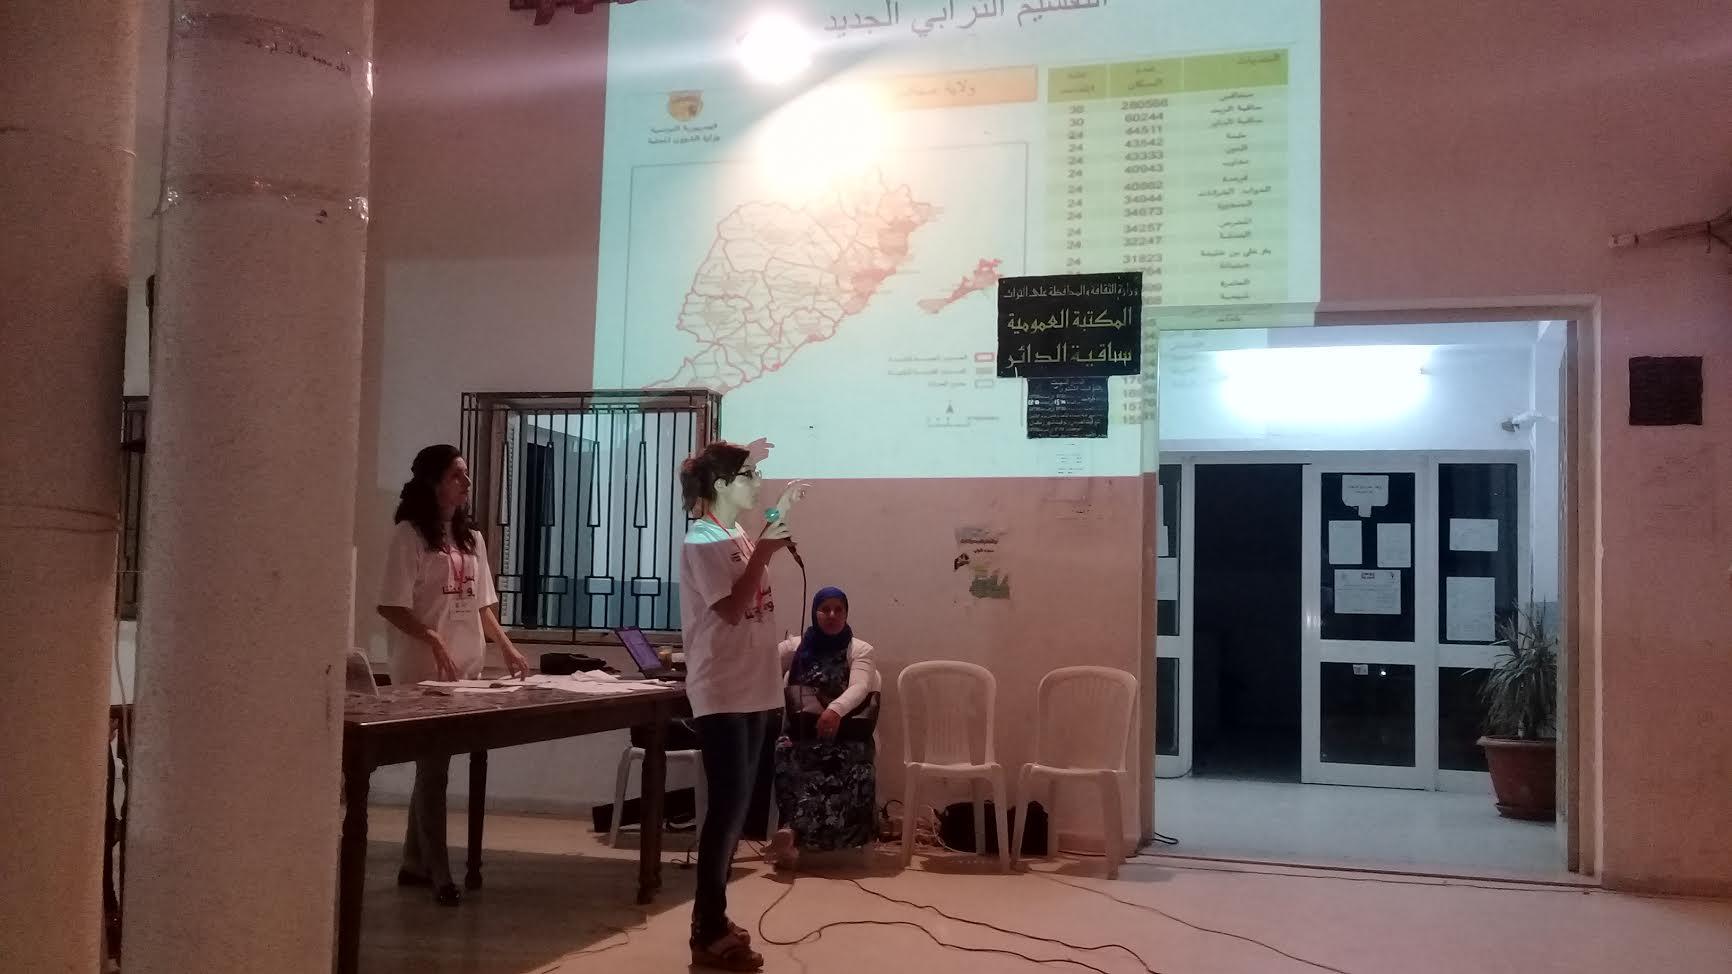 صفاقس: لقاء تحسيسي حول الانتخابات البلدية و الحوكمة المحلية